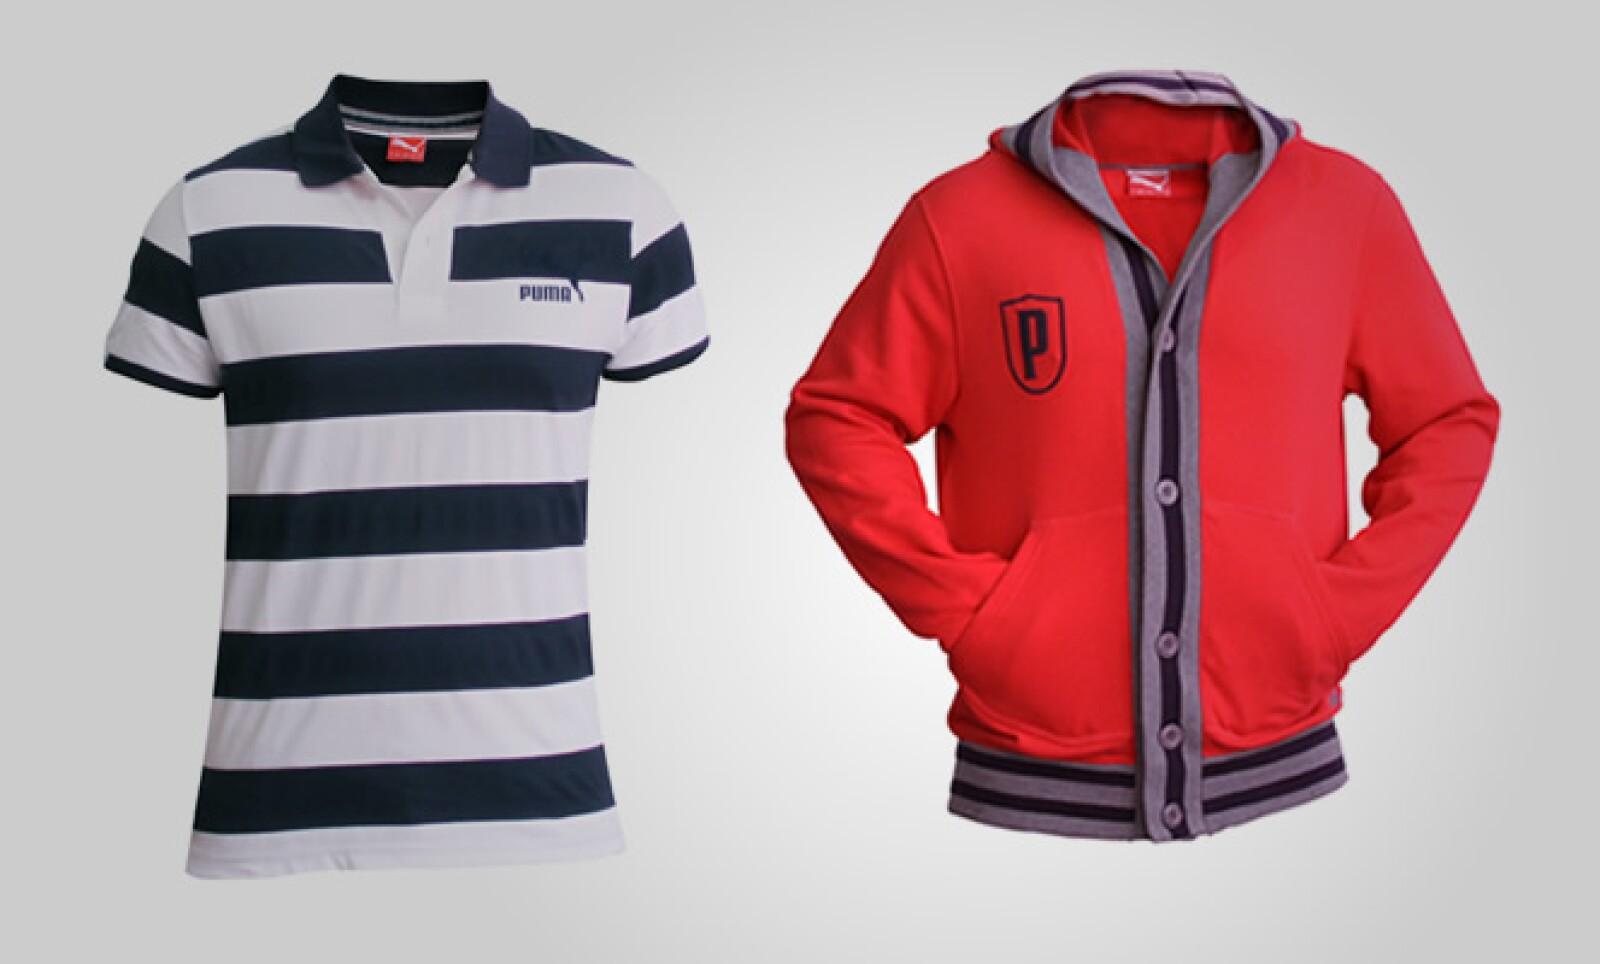 La marca deportiva Puma presentó parte de su colección para la temporada primavera/verano, en la que predominan colores claros y materiales como el algodón.